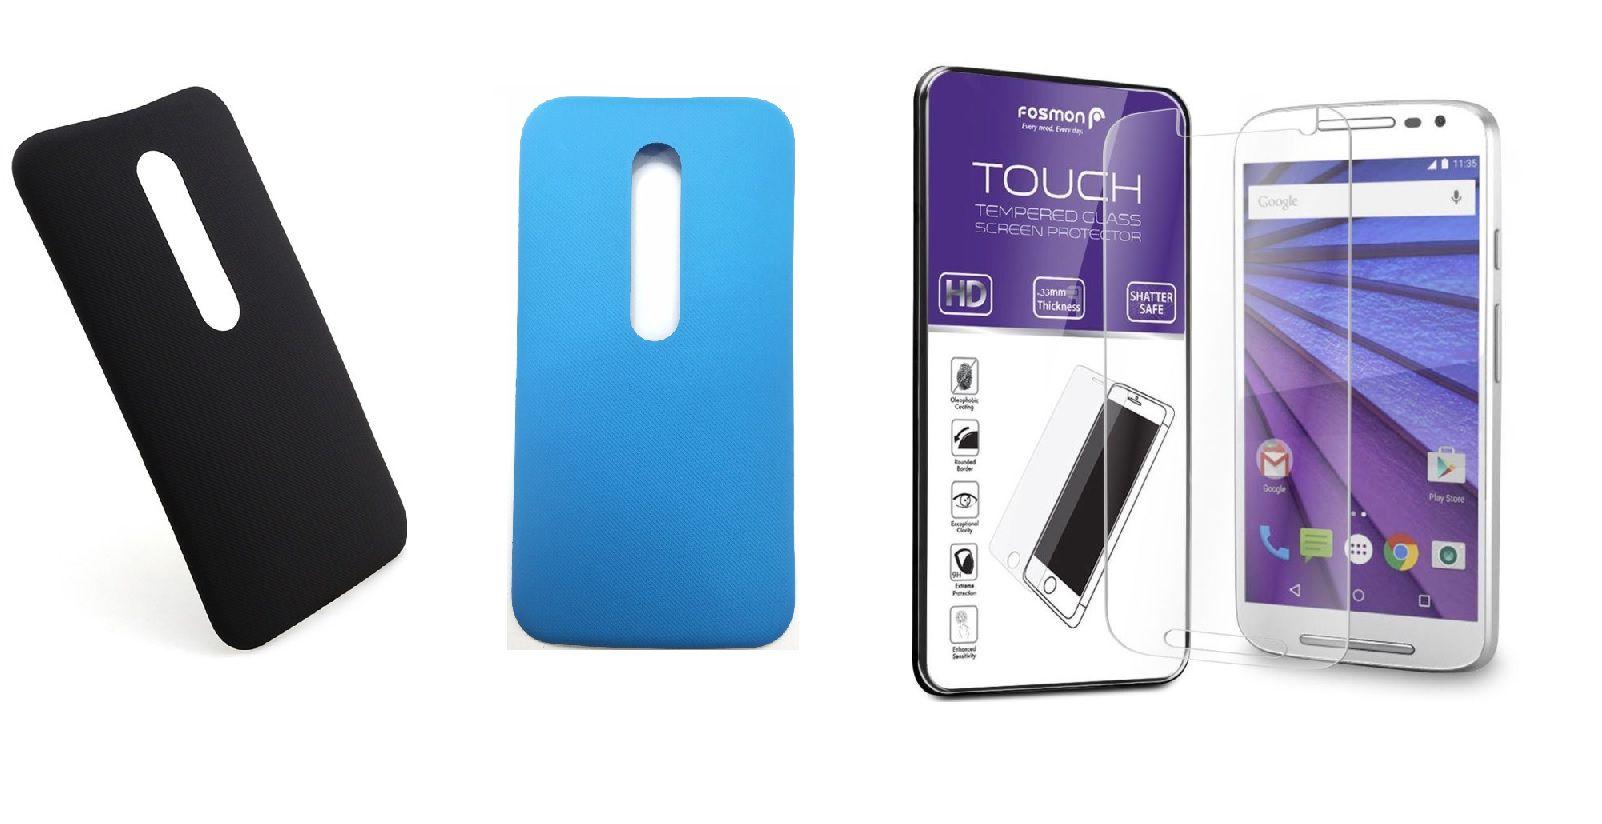 Kit 2 Tampas Traseiras Celular Moto G3 Xt1543 Xt1544 1 Preta 1 Azul  + Película de vidro